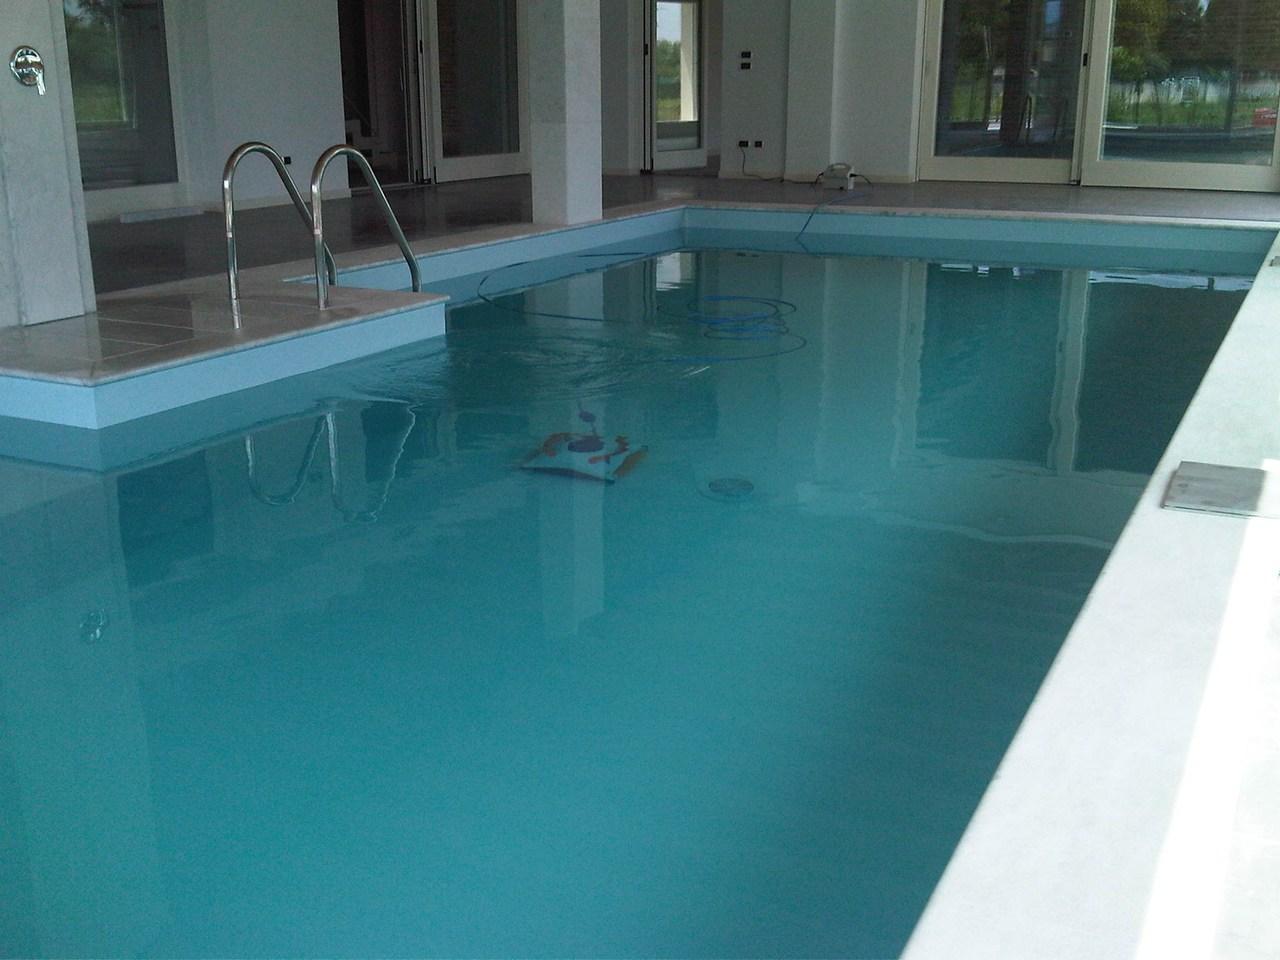 Piscine interne ed esterne per giardino o da terrazzo - Aquazzura piscine ...